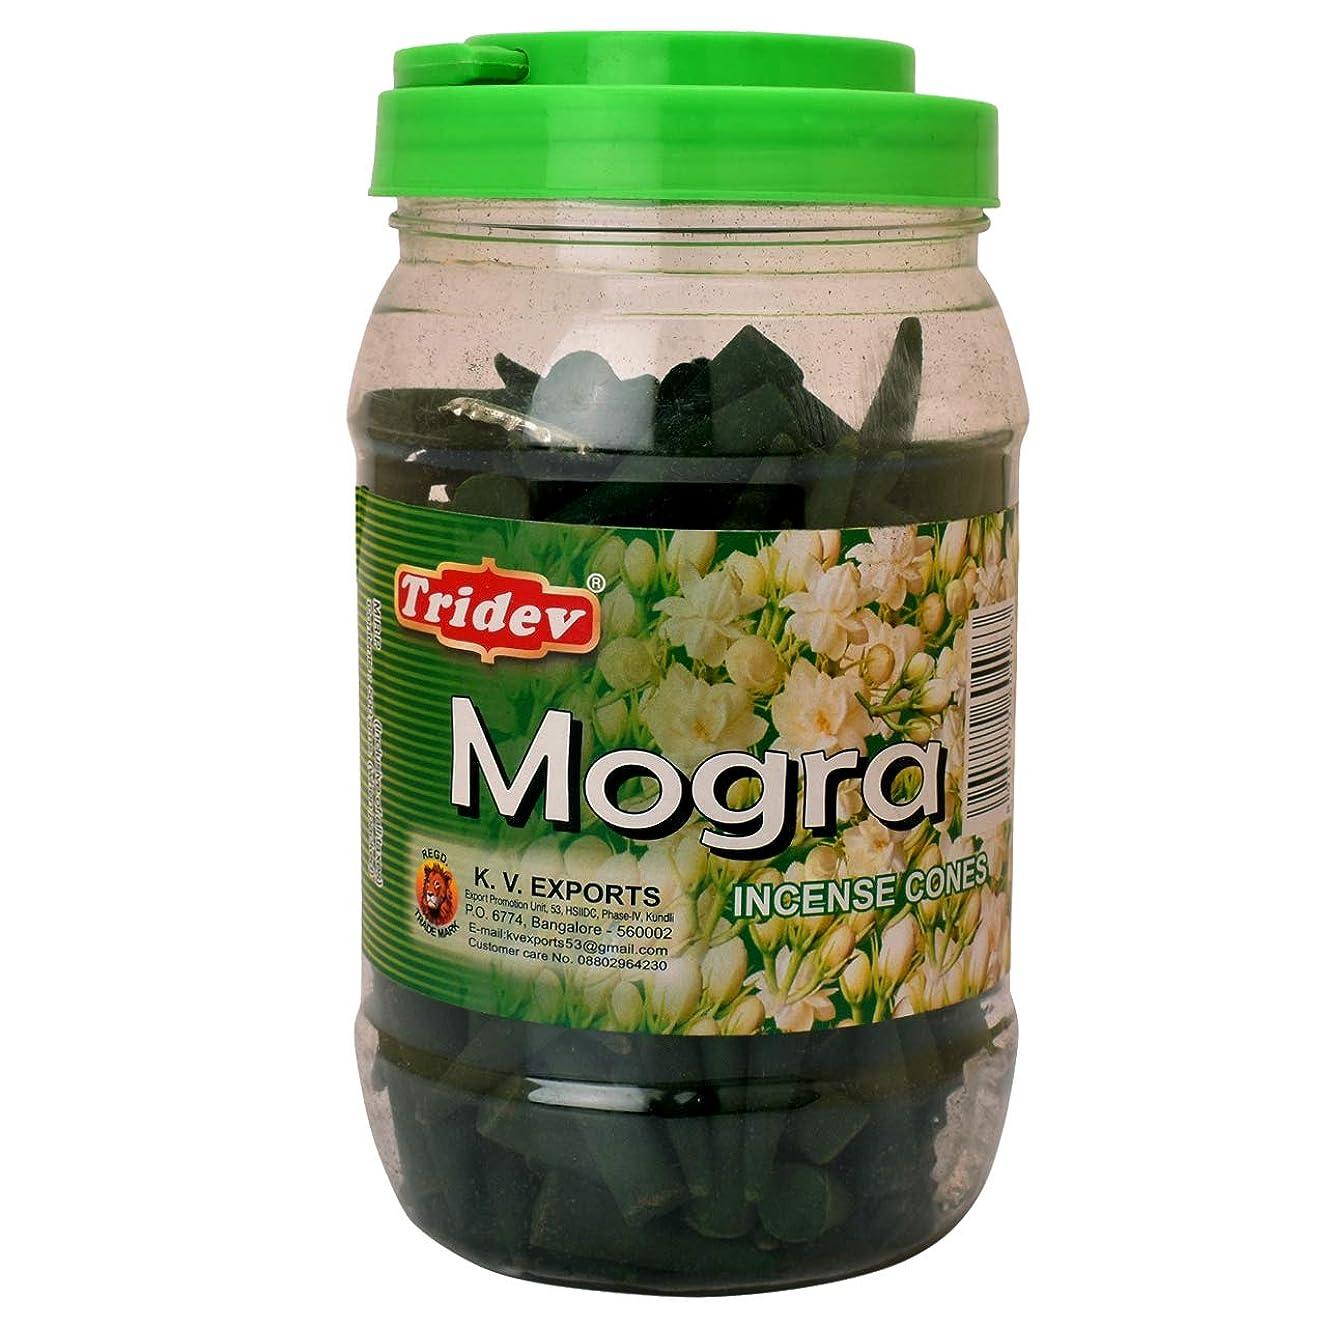 失う枯渇する金属Tridev Mogra フレグランス コーン型お香 500グラム 瓶 輸出品質